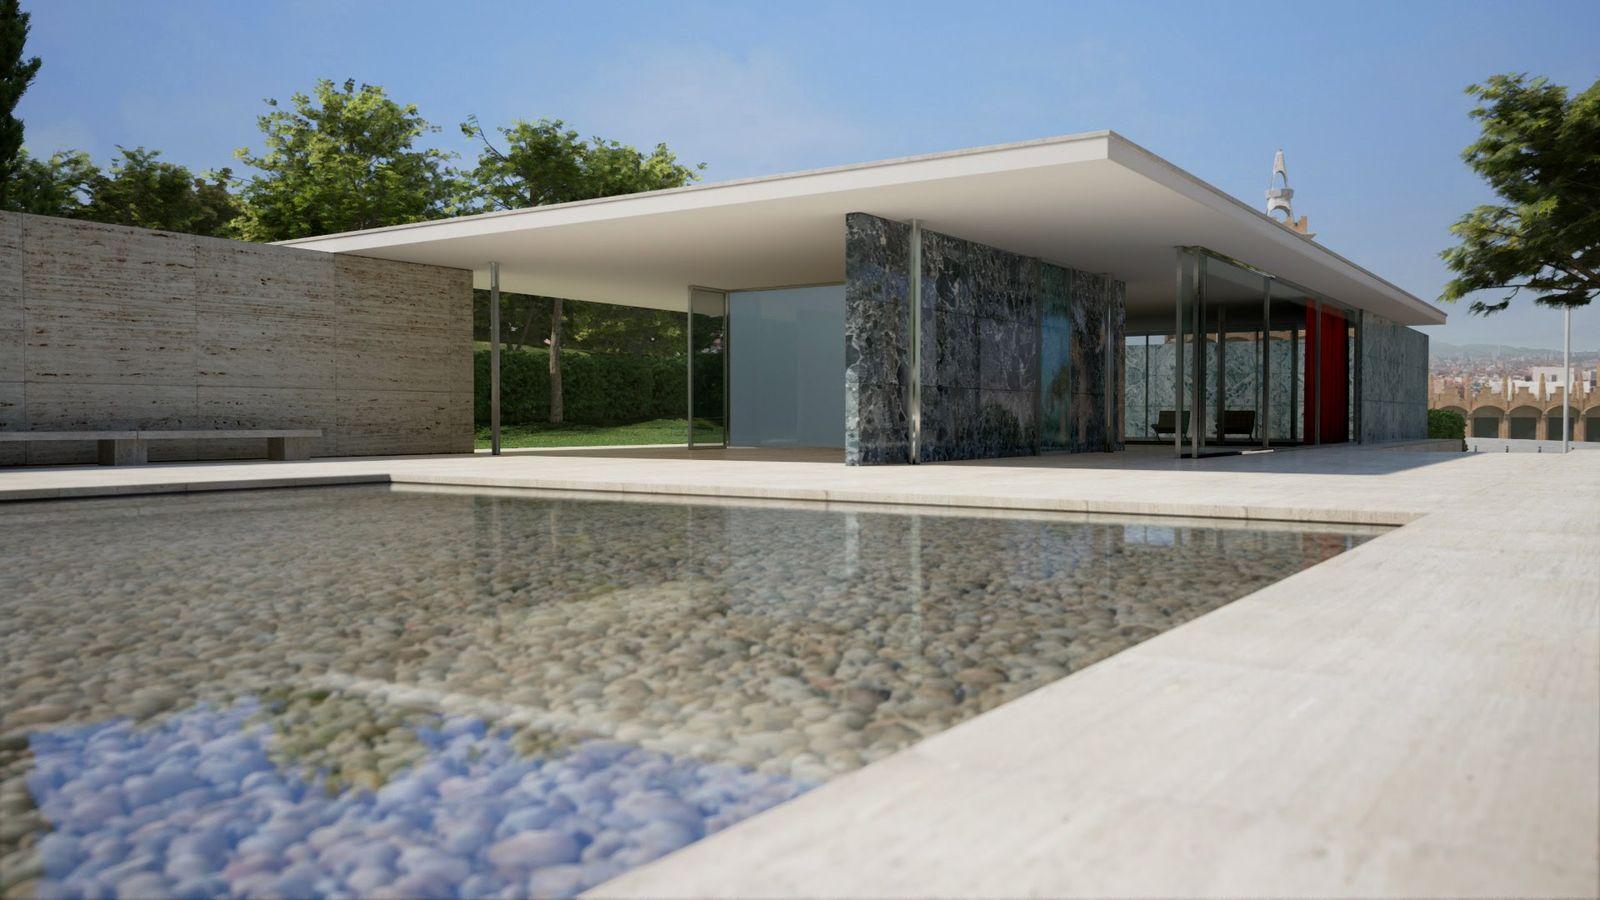 Виртуальная прогулка по Pavello Alemany – шедевру современной архитектуры в Барселоне